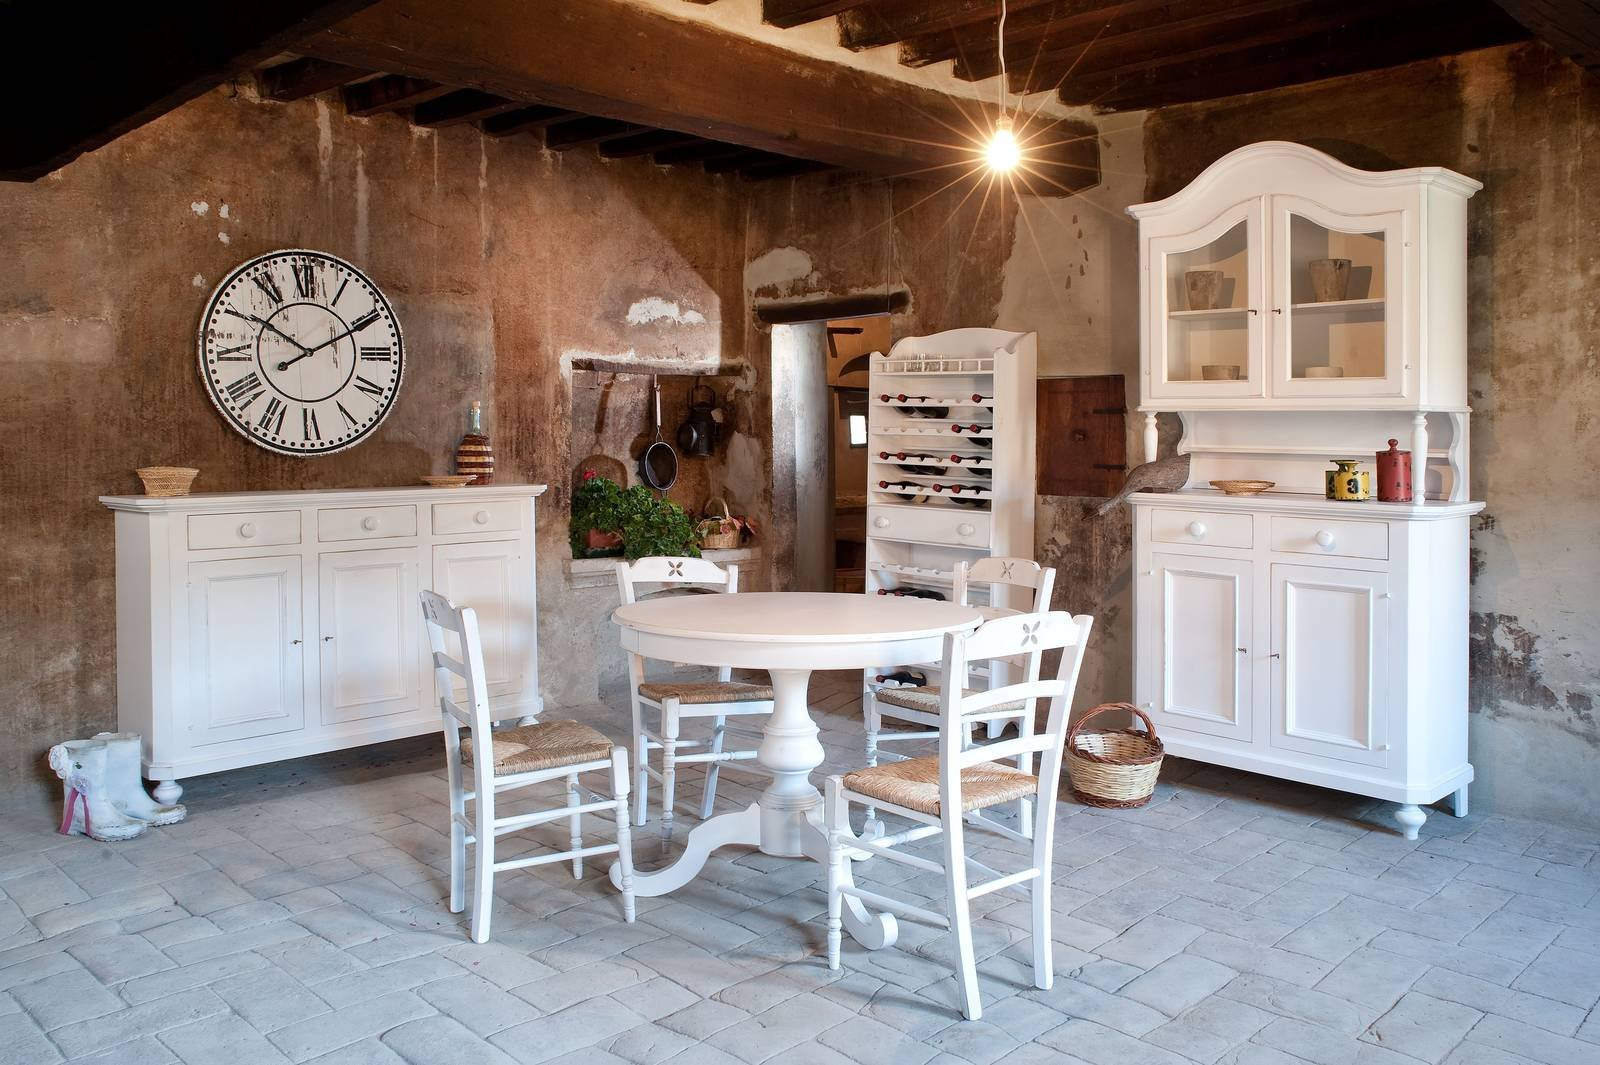 Tavolo rotondo allungabile contemporaneo classico in for Country francese arredamento